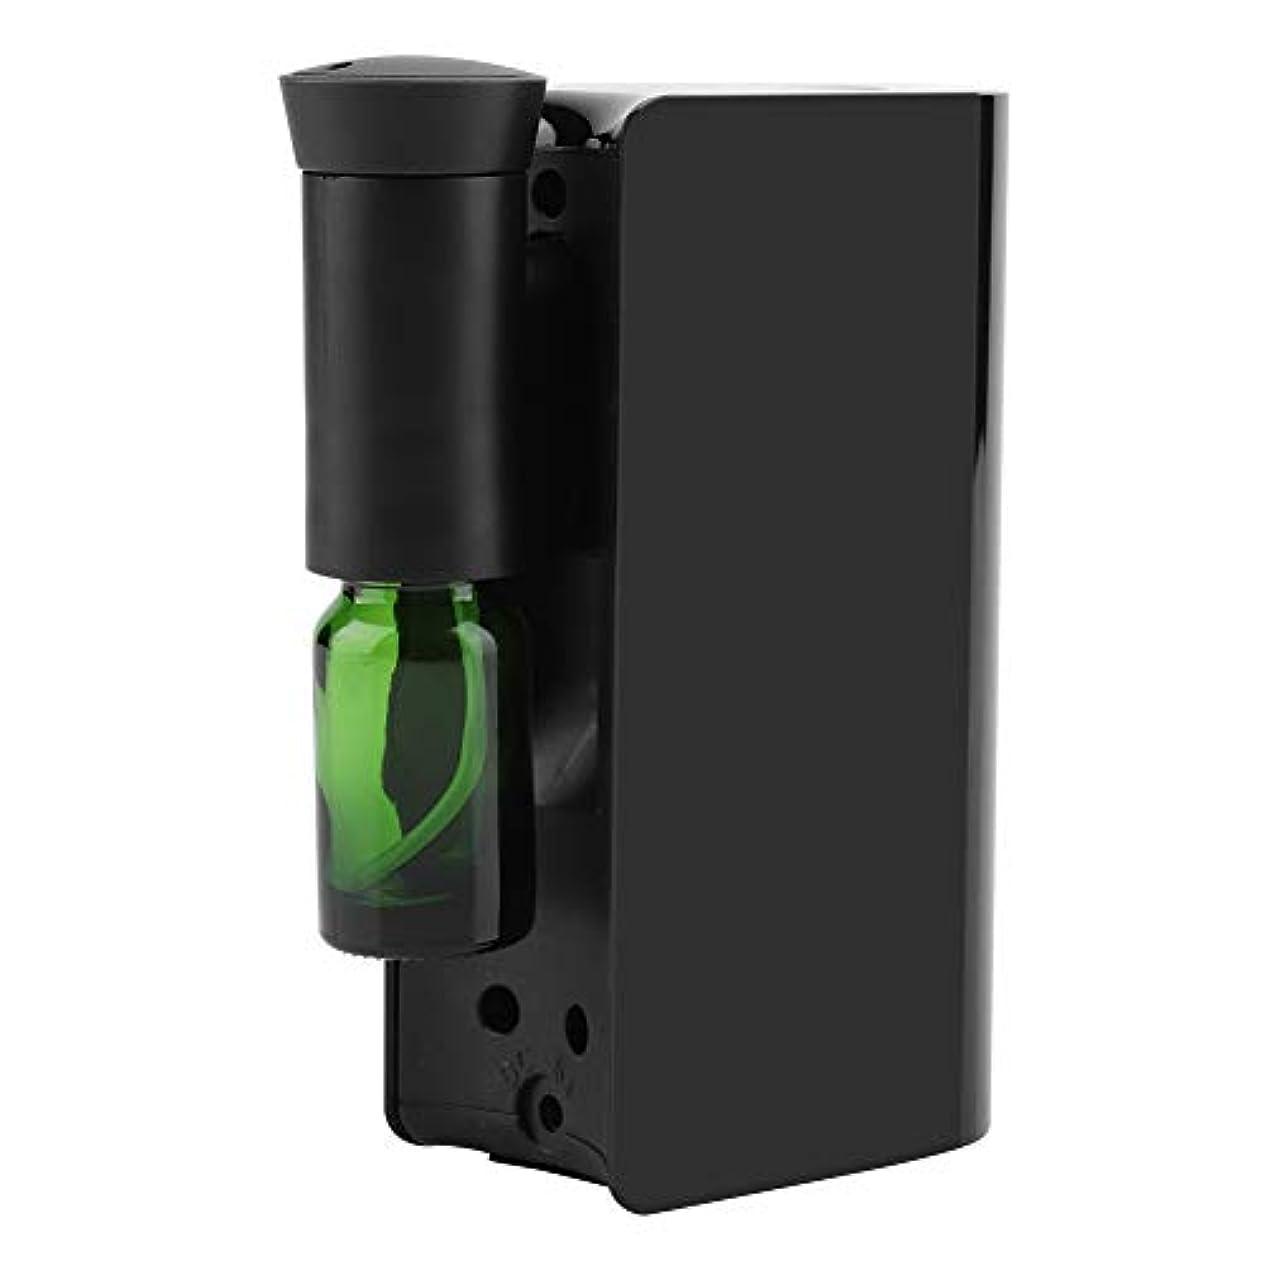 寺院クラフト用心エッセンシャルオイルディフューザー、100ml USB充電式クールミスト加湿器アロマオイル加湿器気化器アロマディフューザー(ブラック)